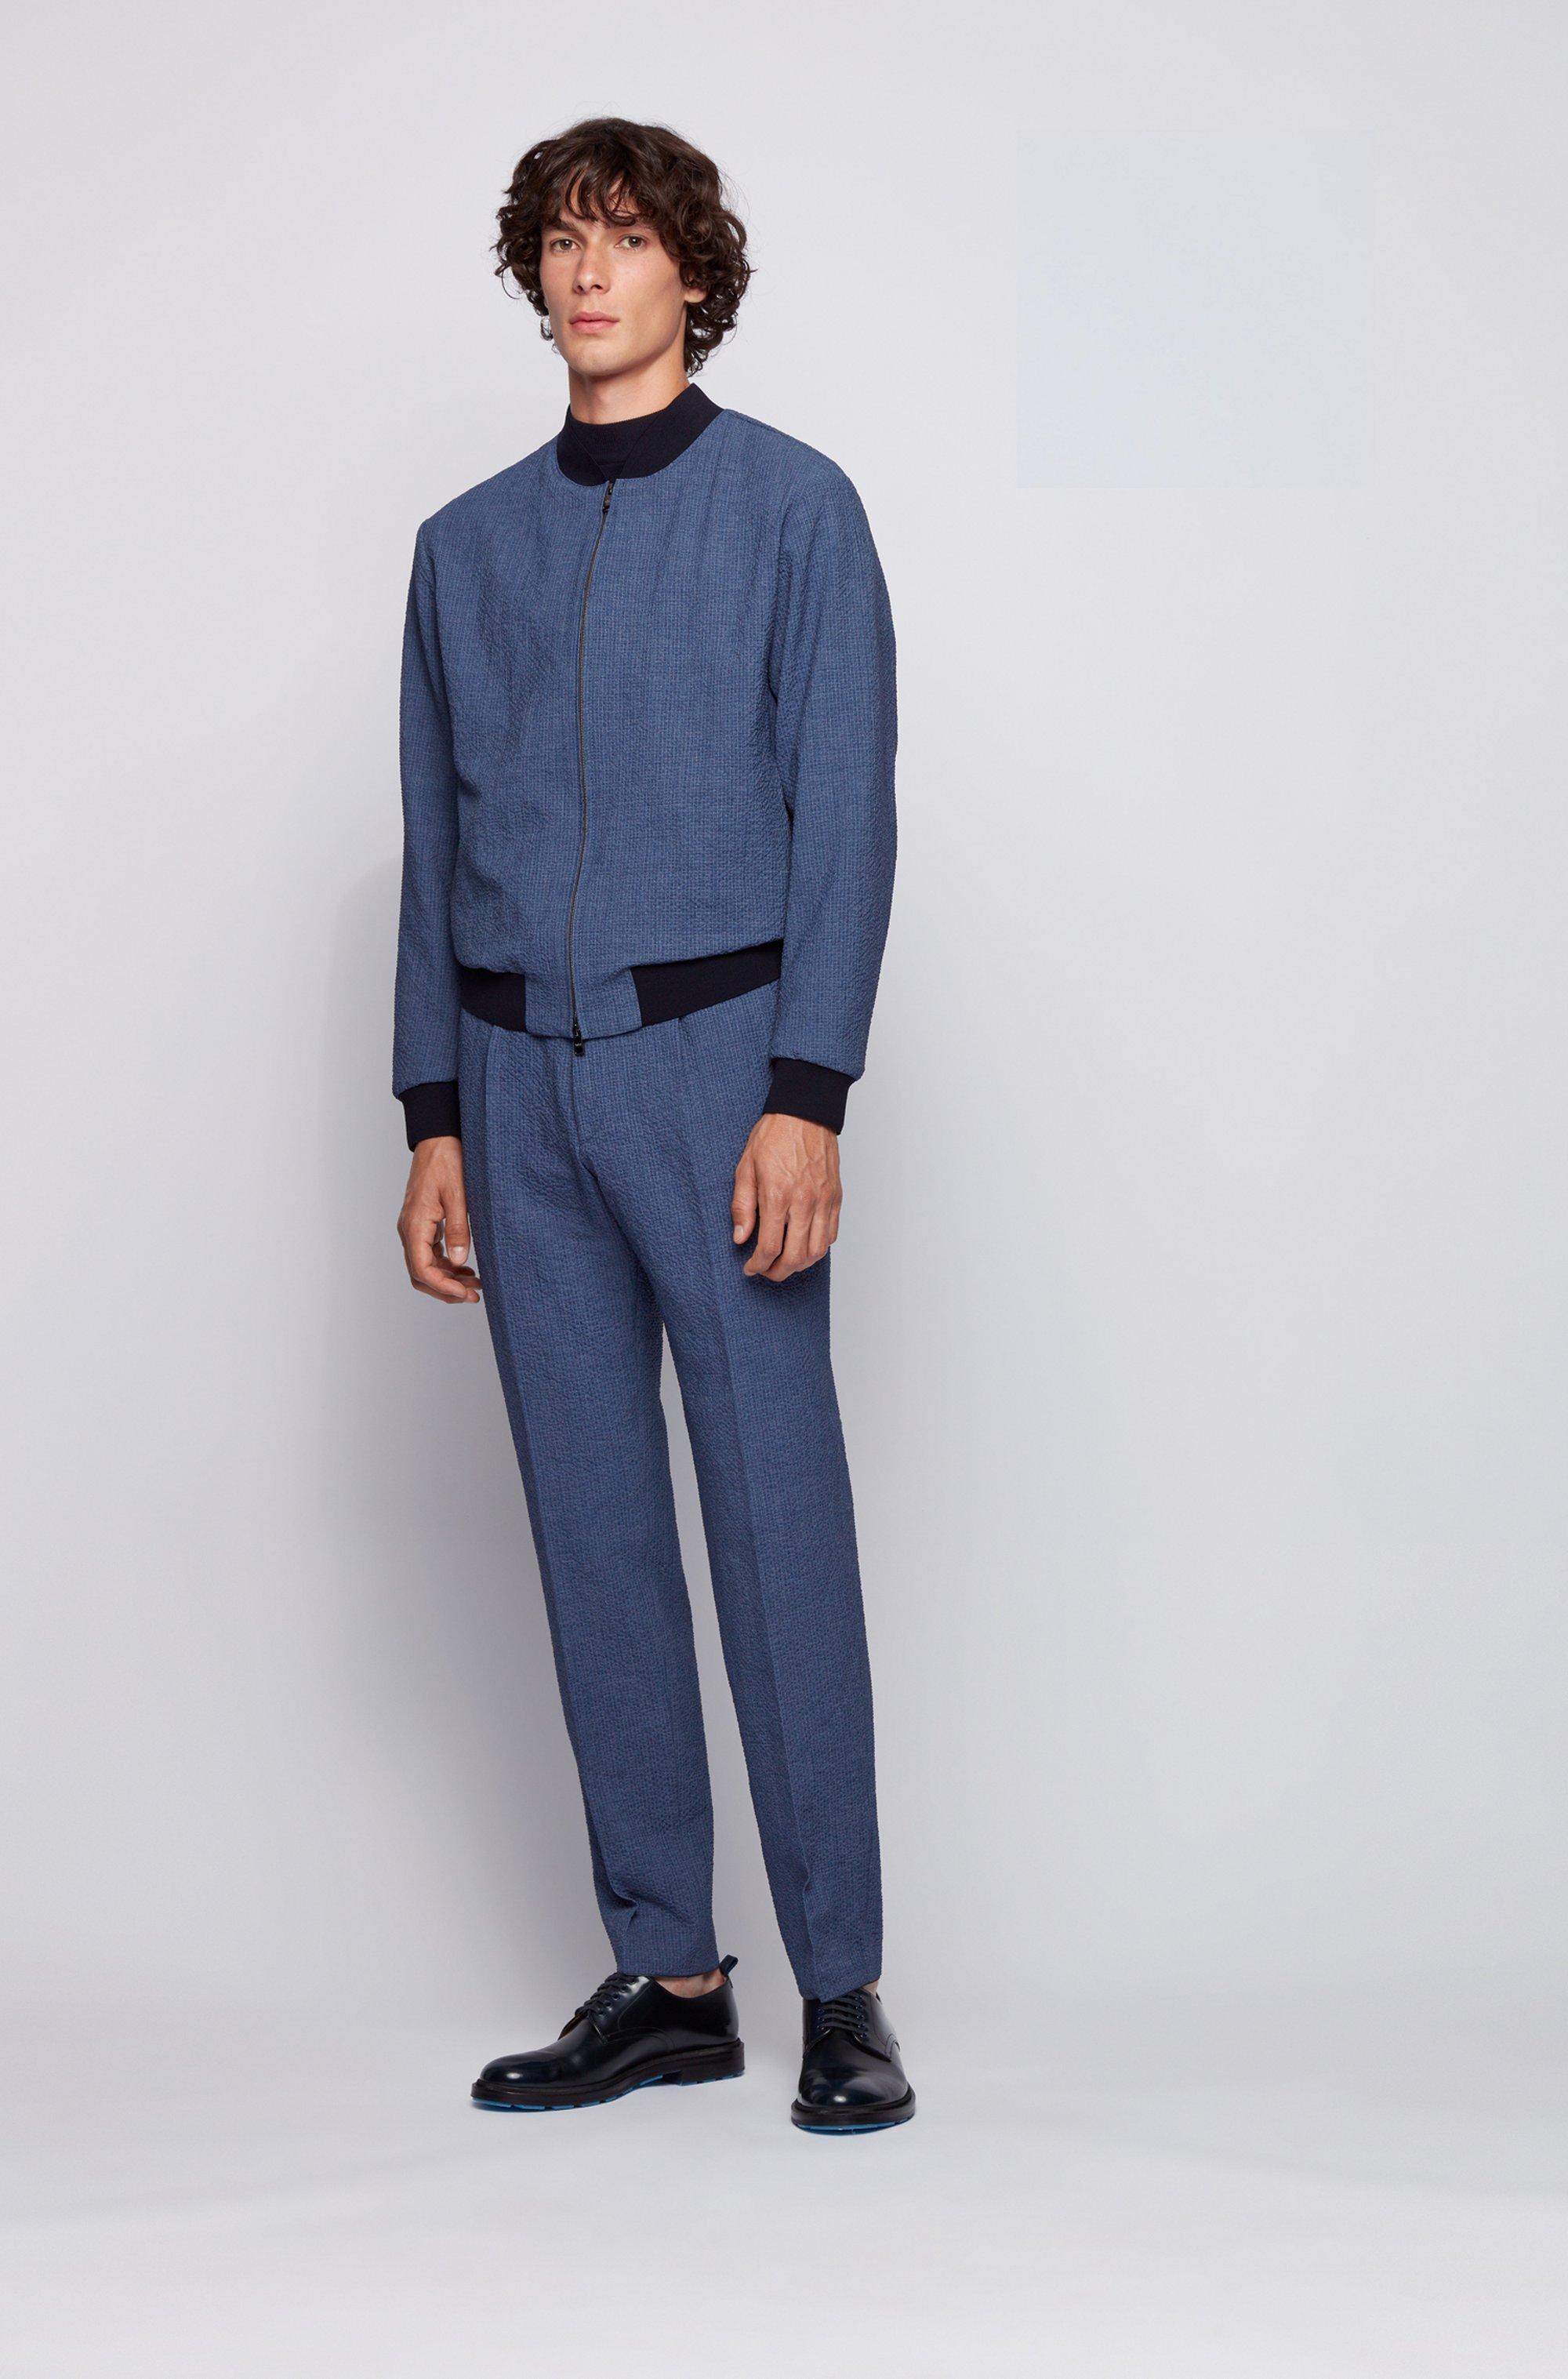 Slim-fit bomber jacket in seersucker fabric